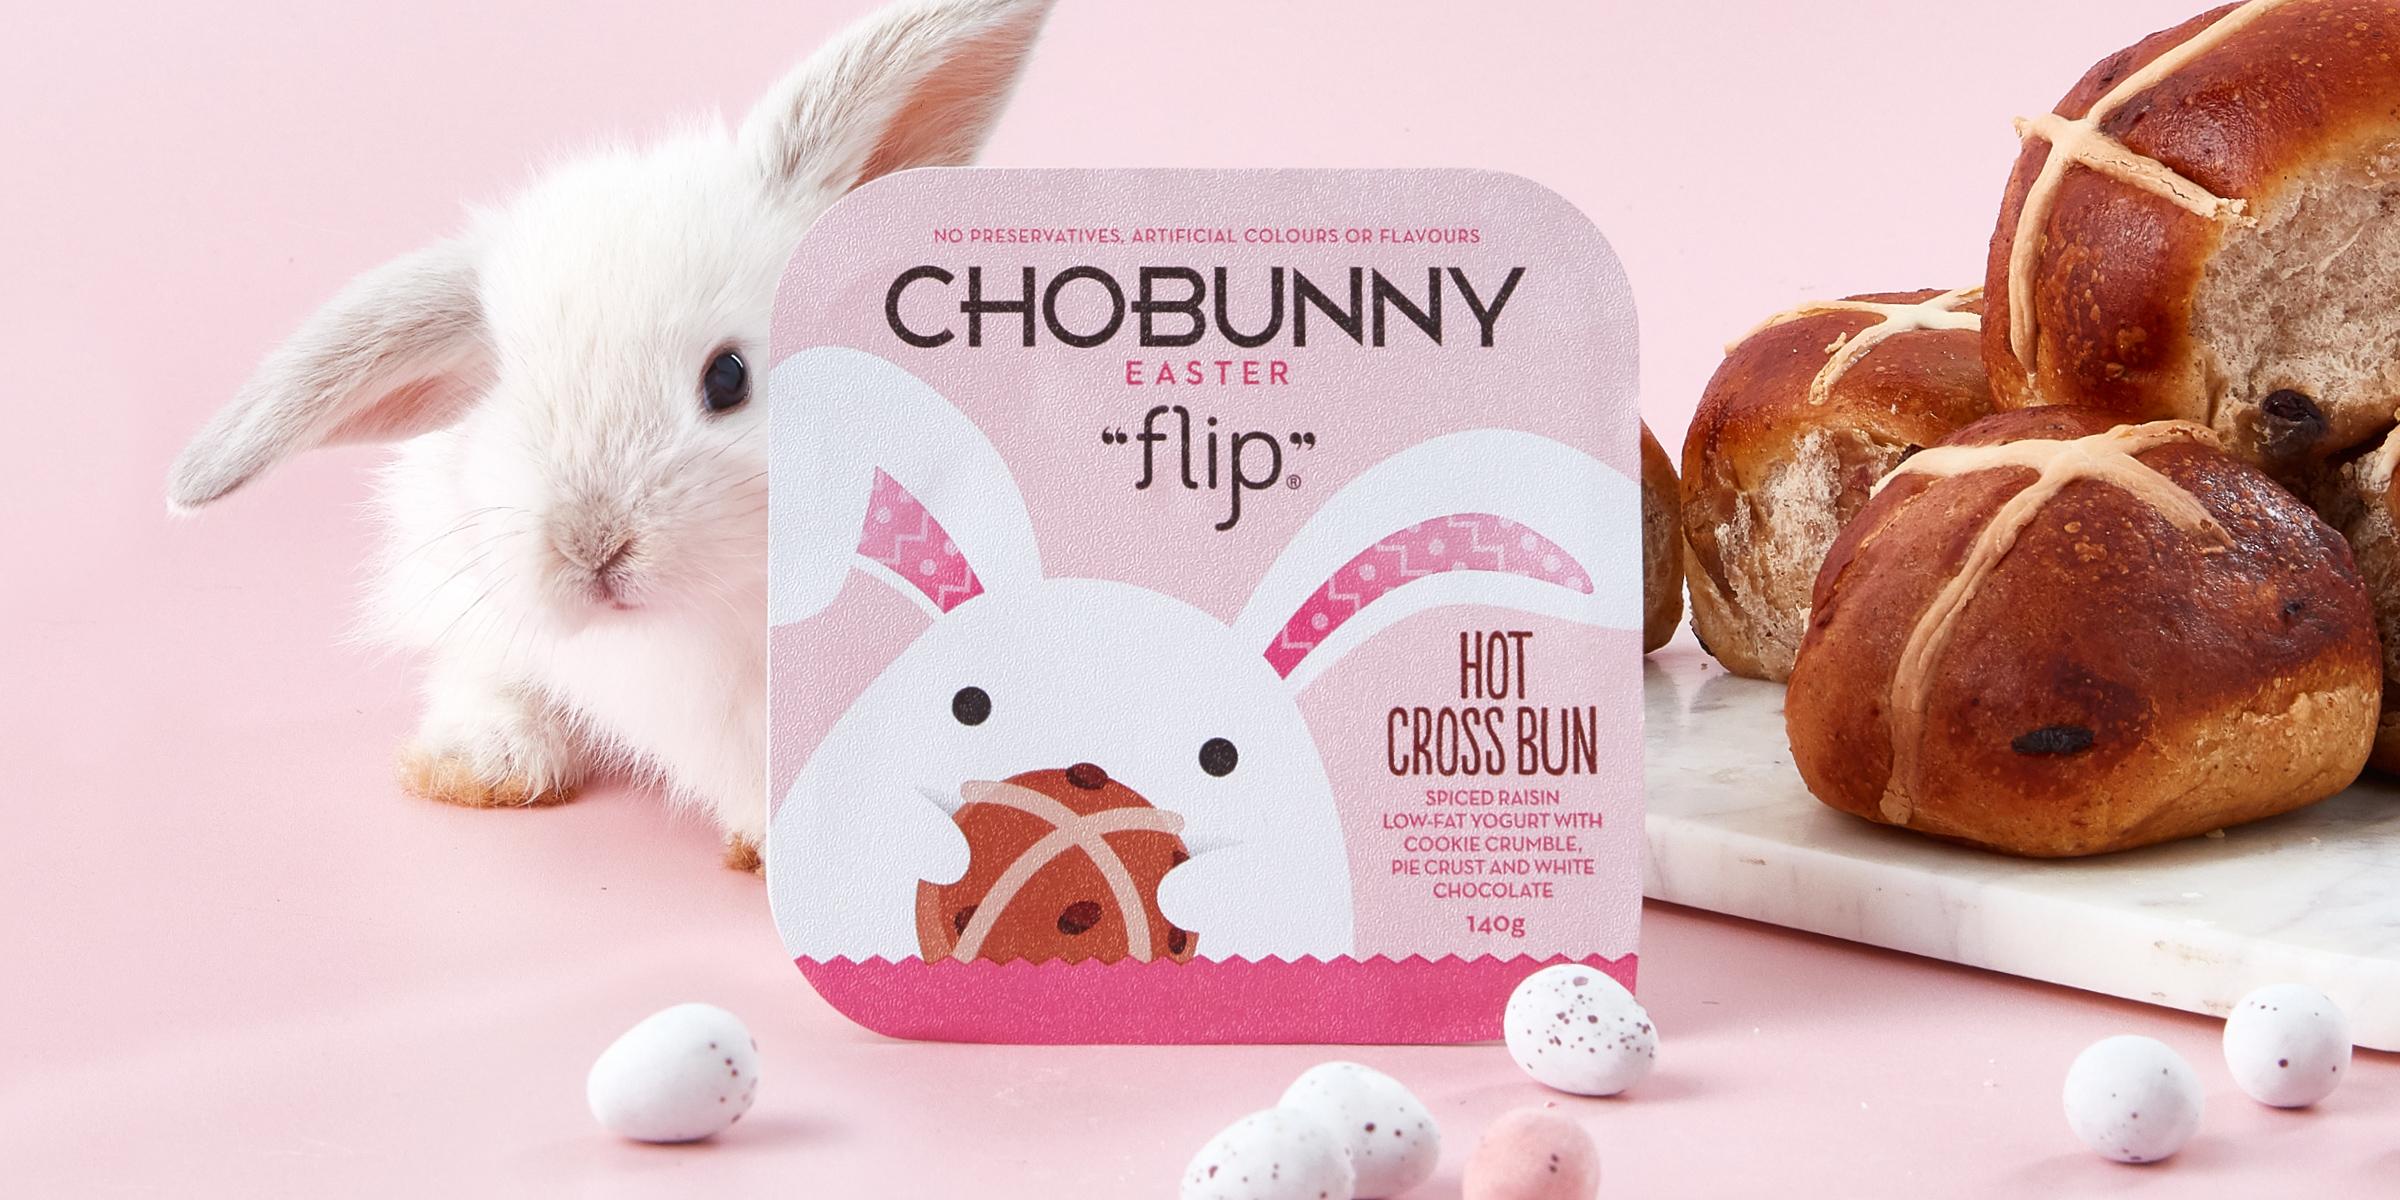 Chobani Chobunny Easter Flip Hot Cross Bun Packaging Design